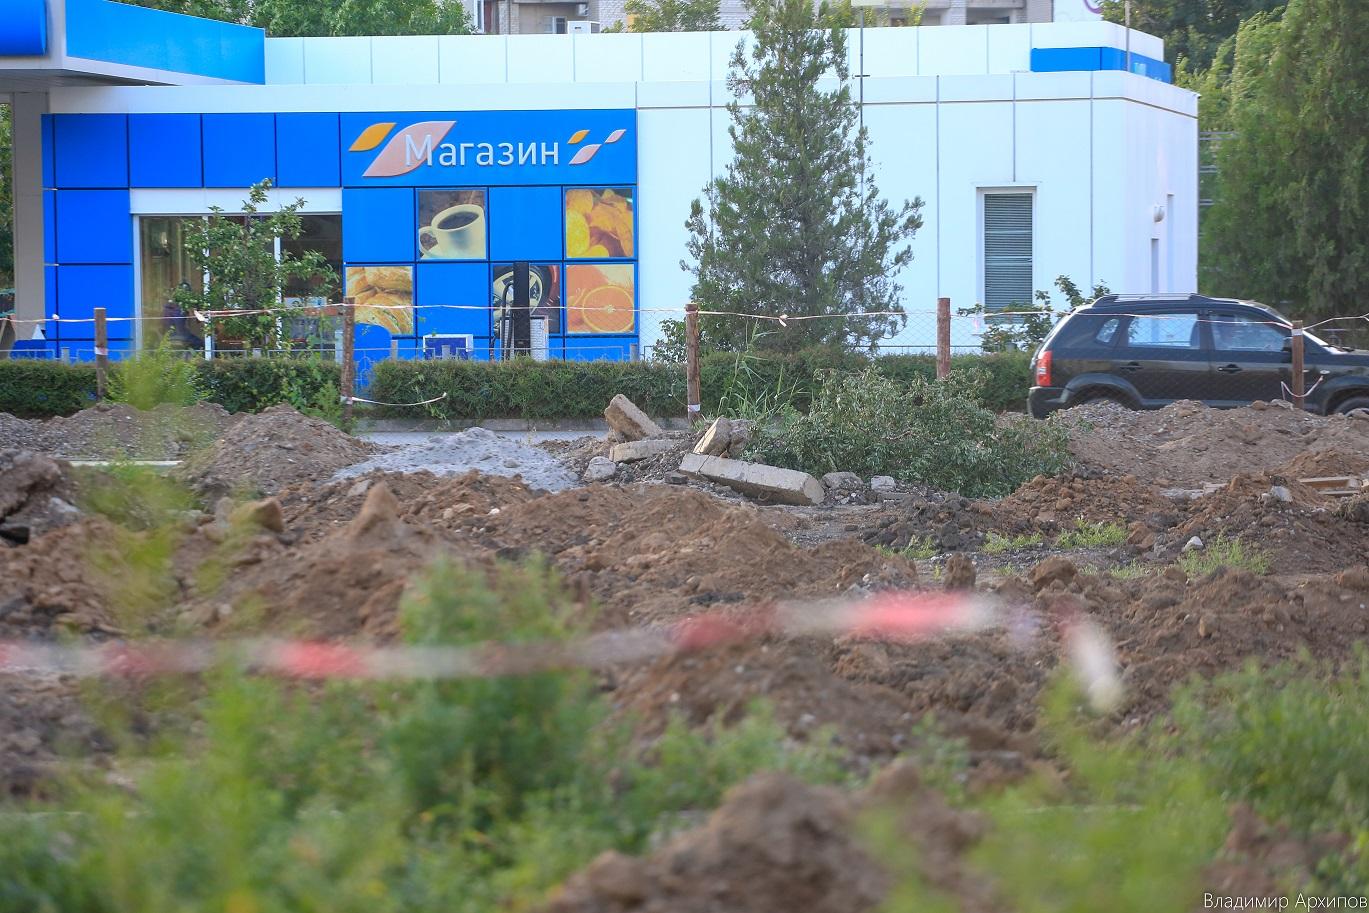 сквера на ул. Минусинской в Астрахани 16 Что происходит в Астрахани на месте пустыря на Минусинской